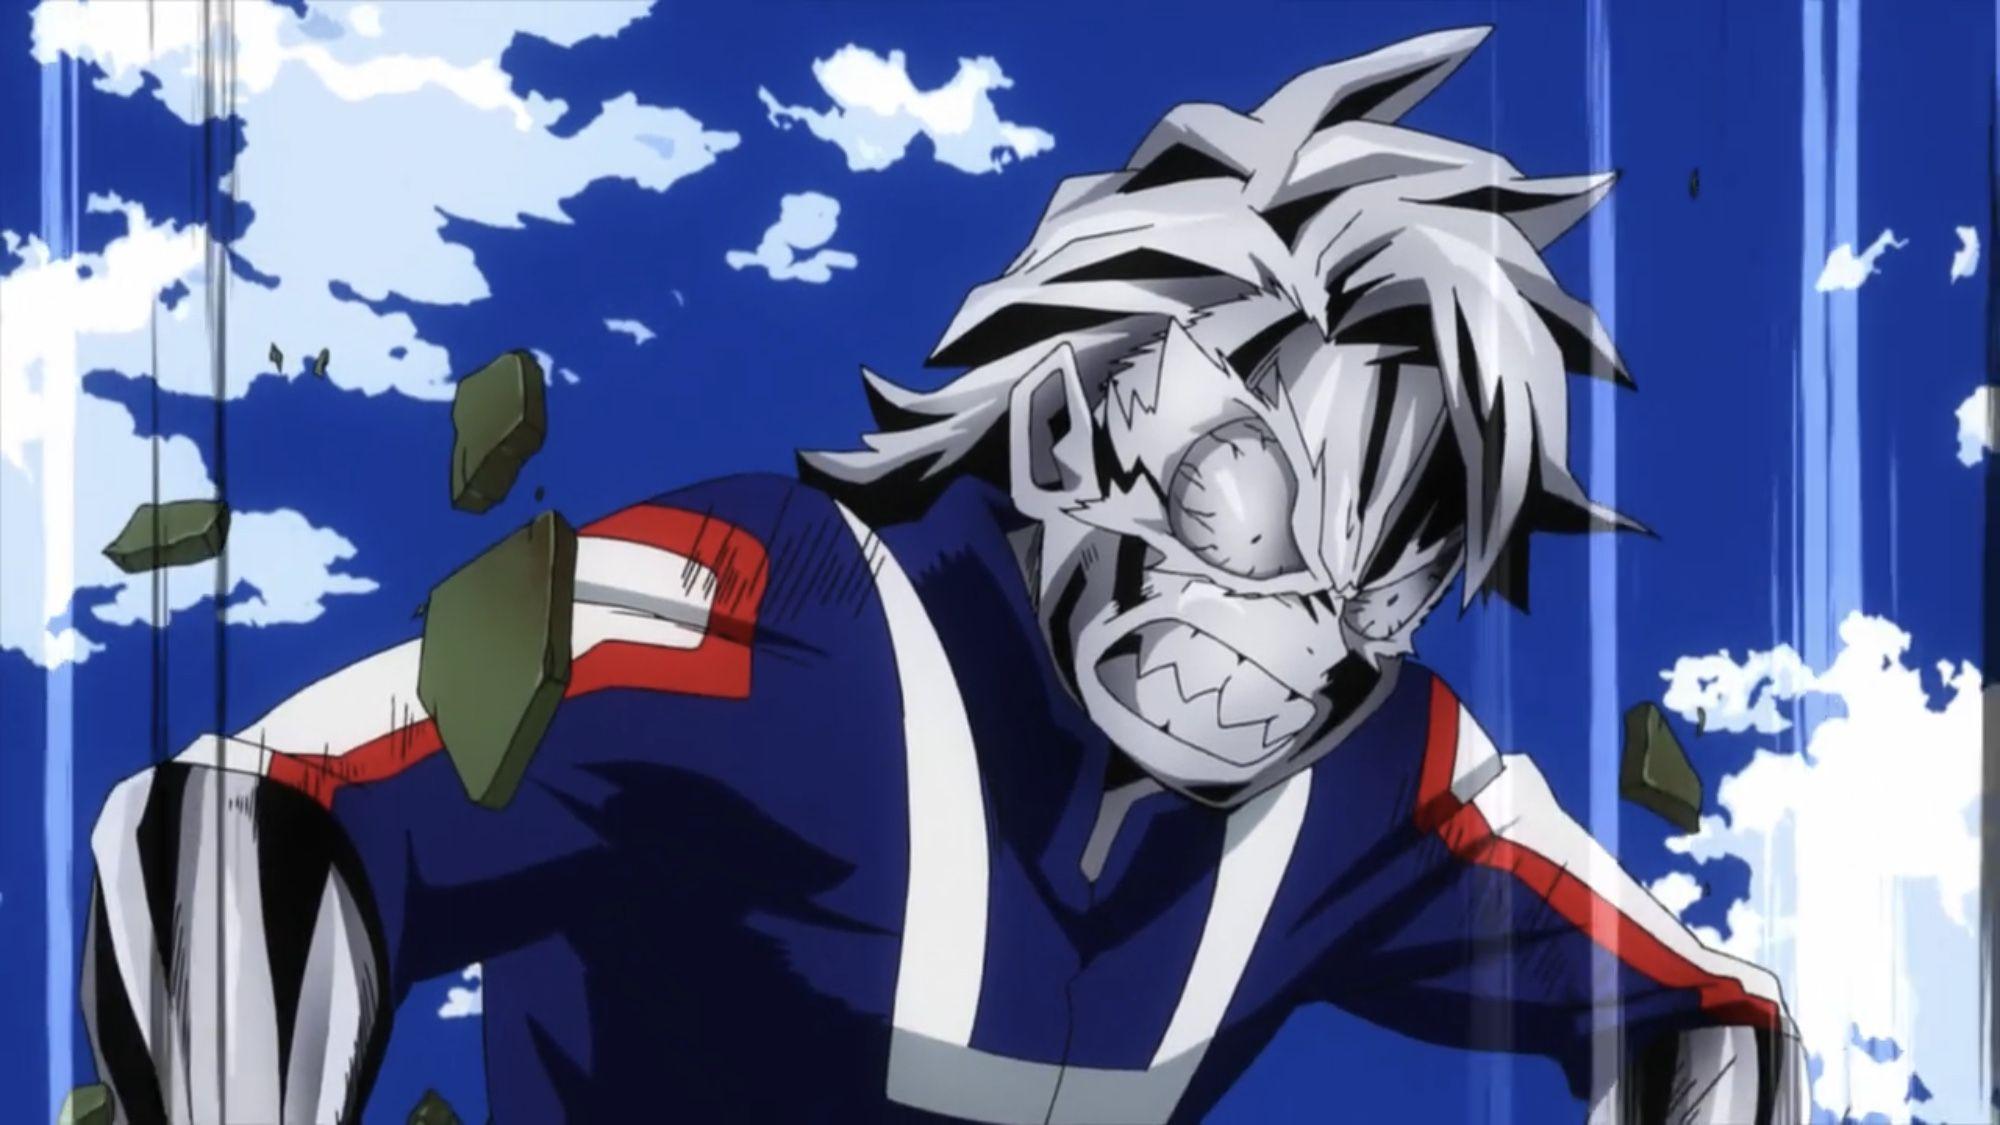 Tetsutetsu Tetsutetsu || Boku no Hero Academia | My hero